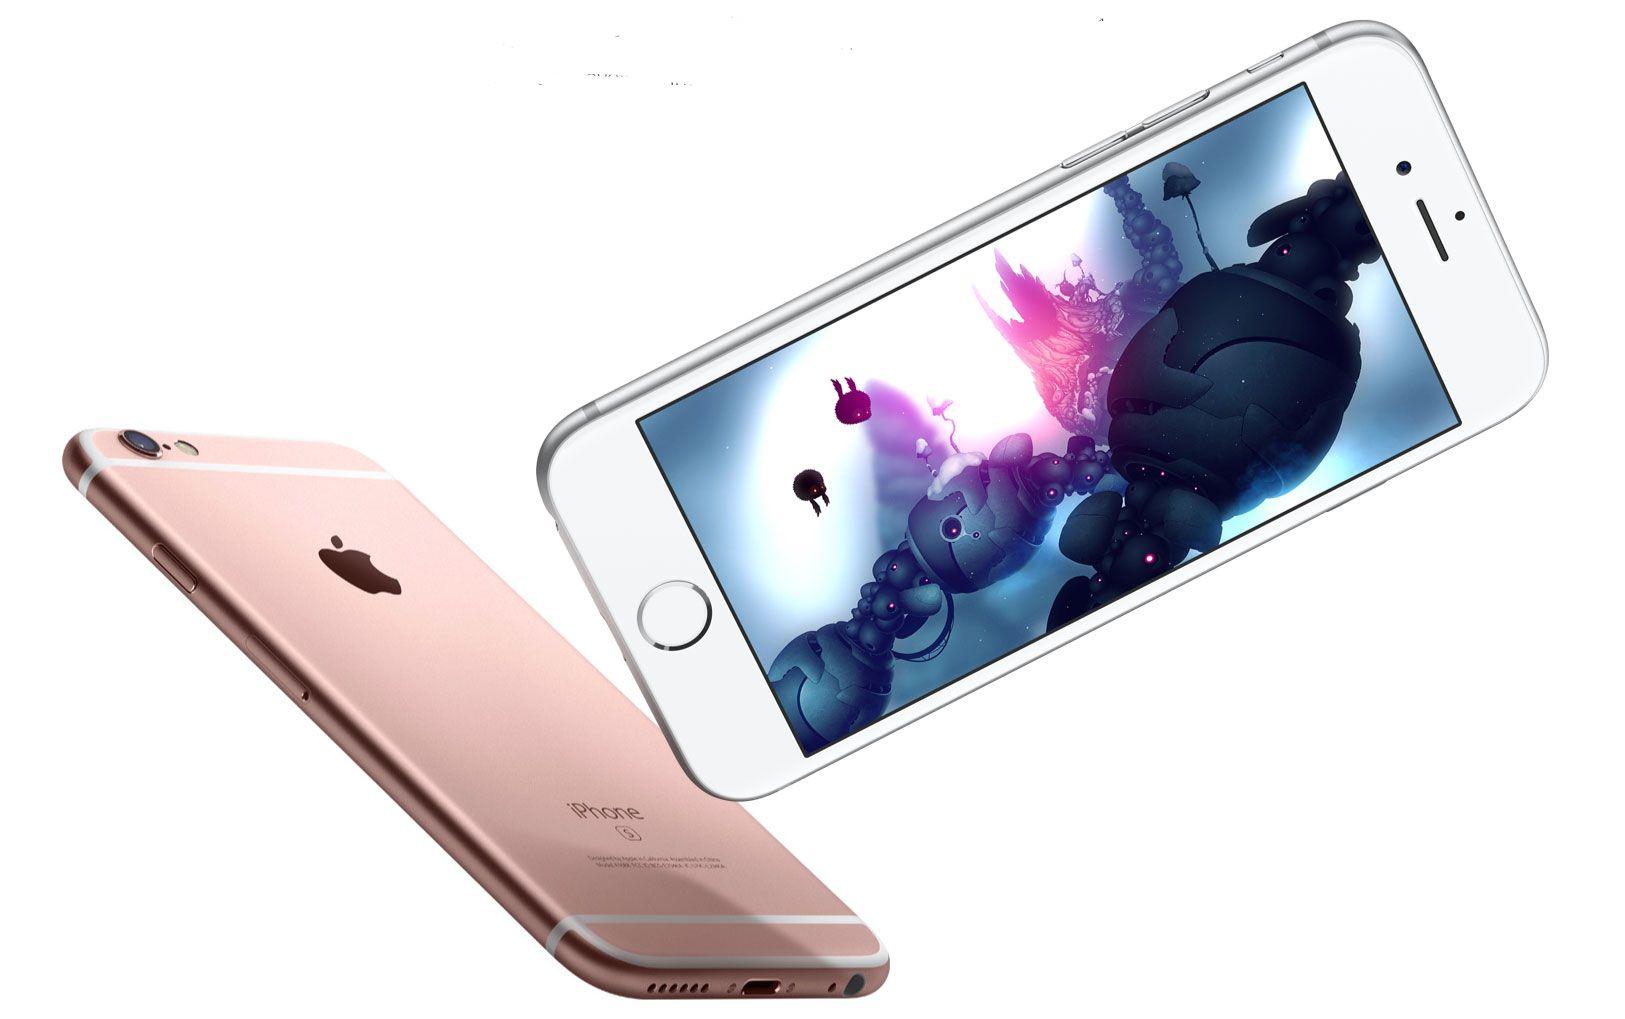 Comme prévu, Apple enregistre une baisse historique des